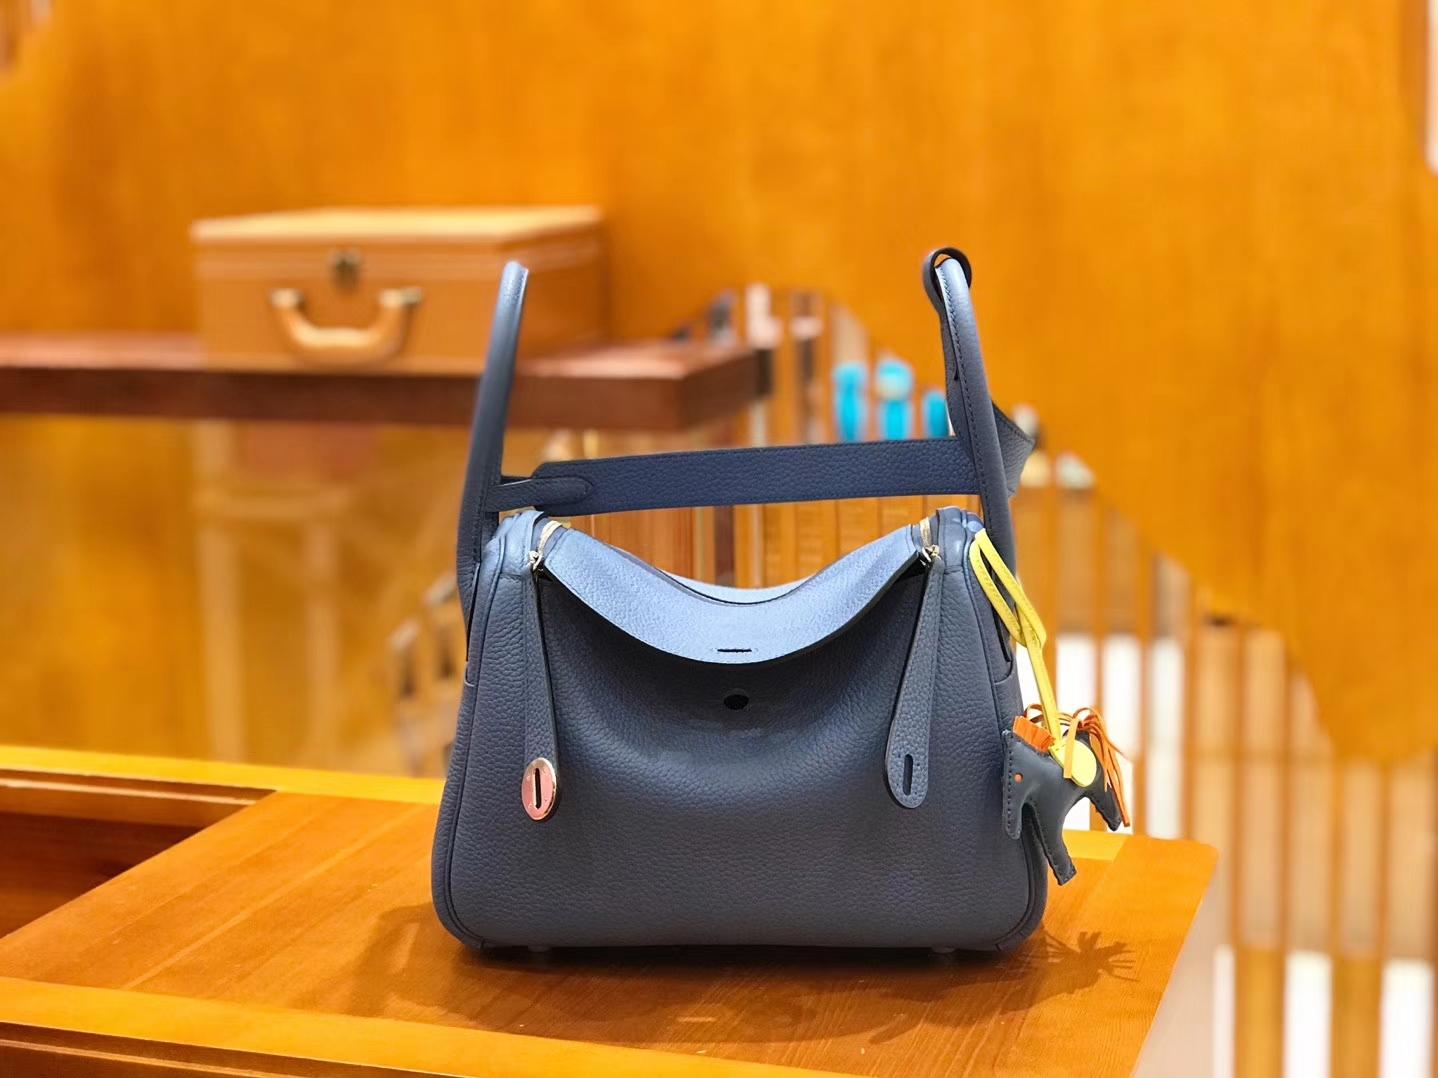 Hermès(爱马仕)Lindy 琳迪包 玛瑙蓝 银扣 26cm